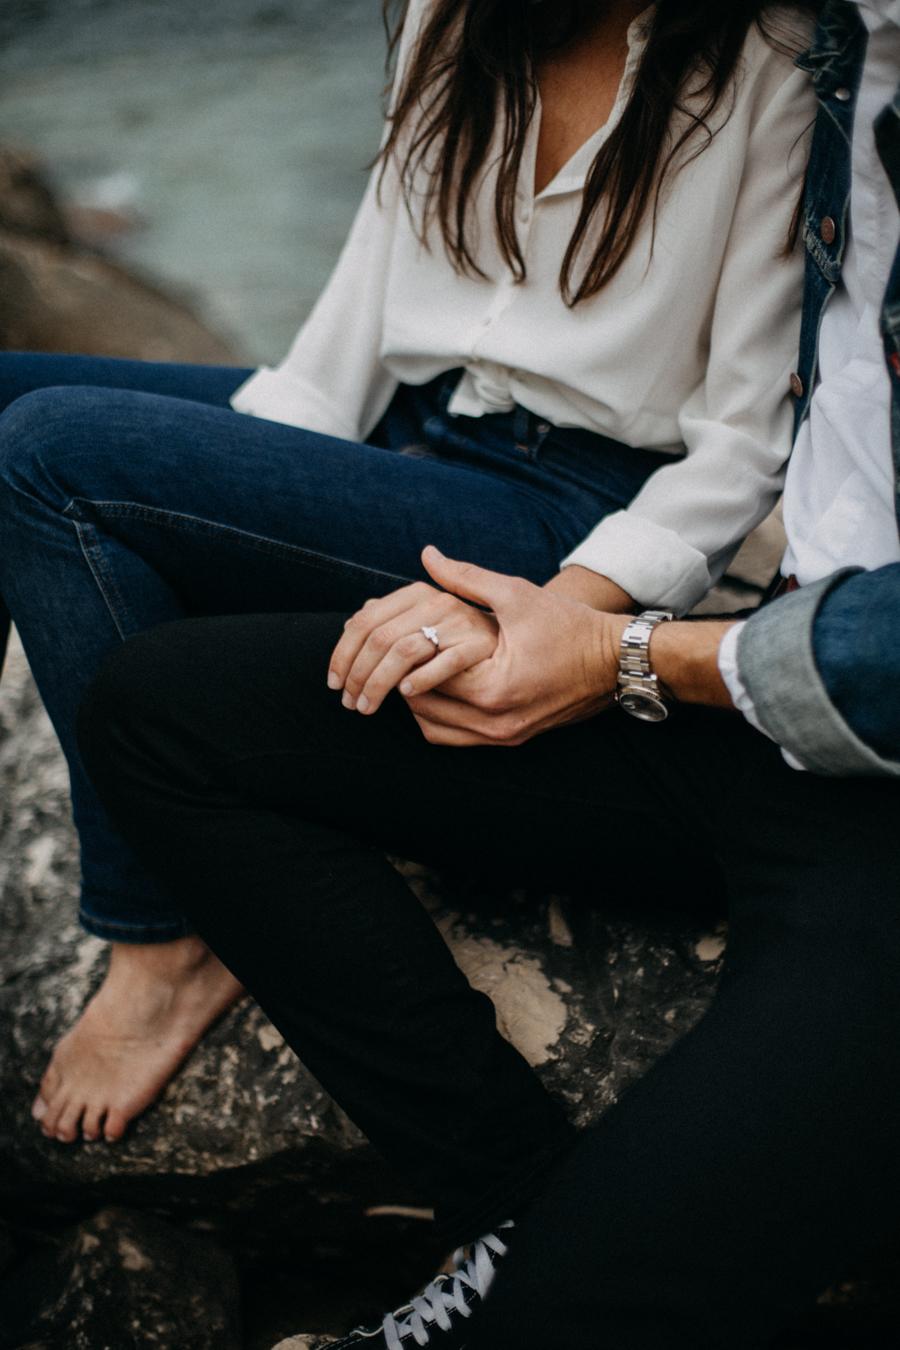 Photographe couple seance photo engagement lyon marseille plage mer nature coucher de soleil lumiere lifestyle engagement plage-8